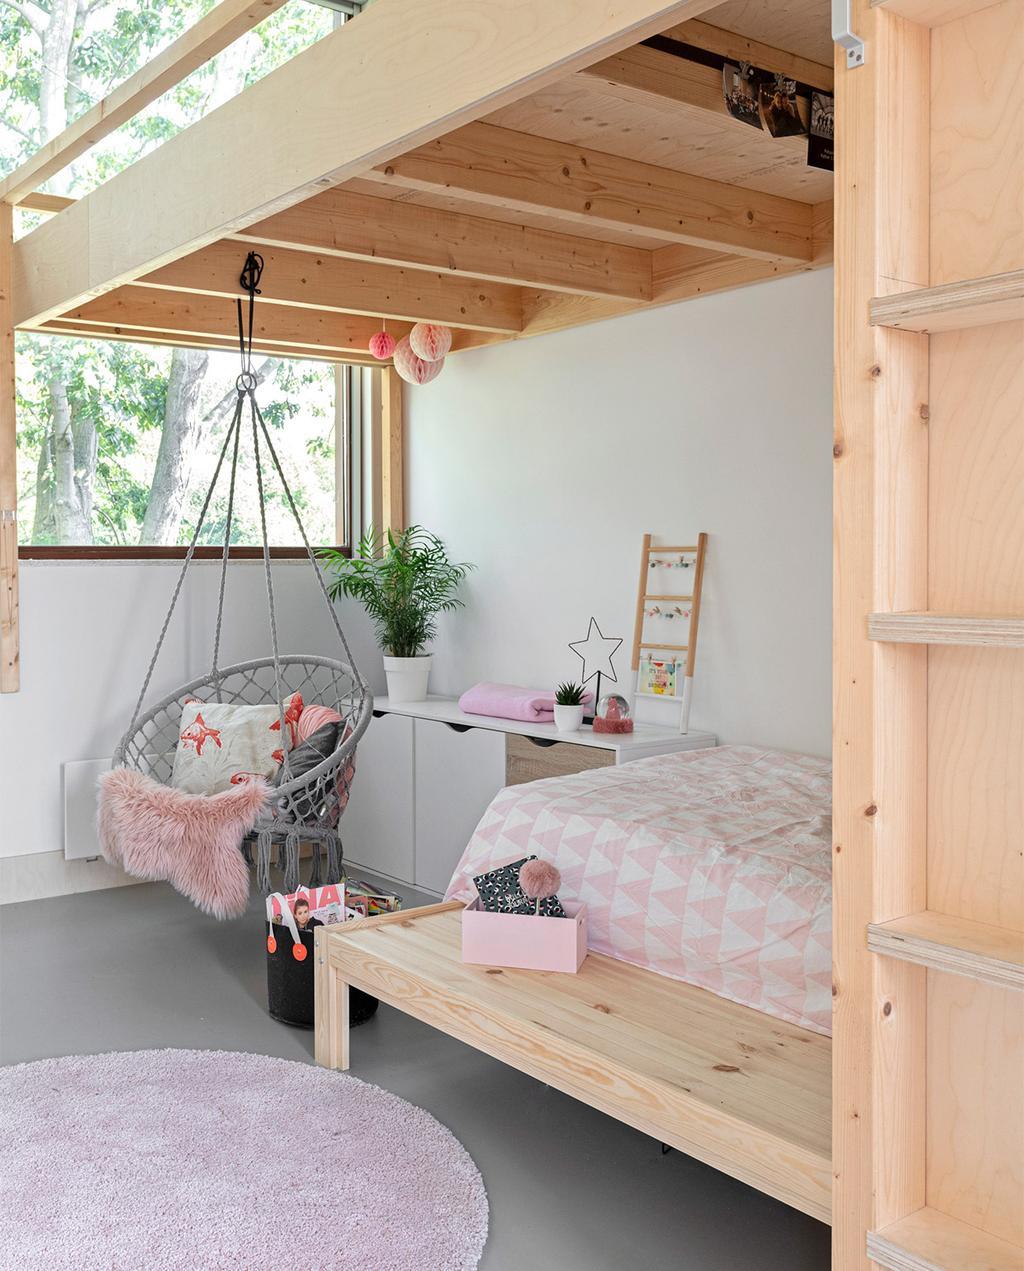 vtwonen 07-2021 | grijze hangstoel in de kinderkamer met een houten hoogslaper